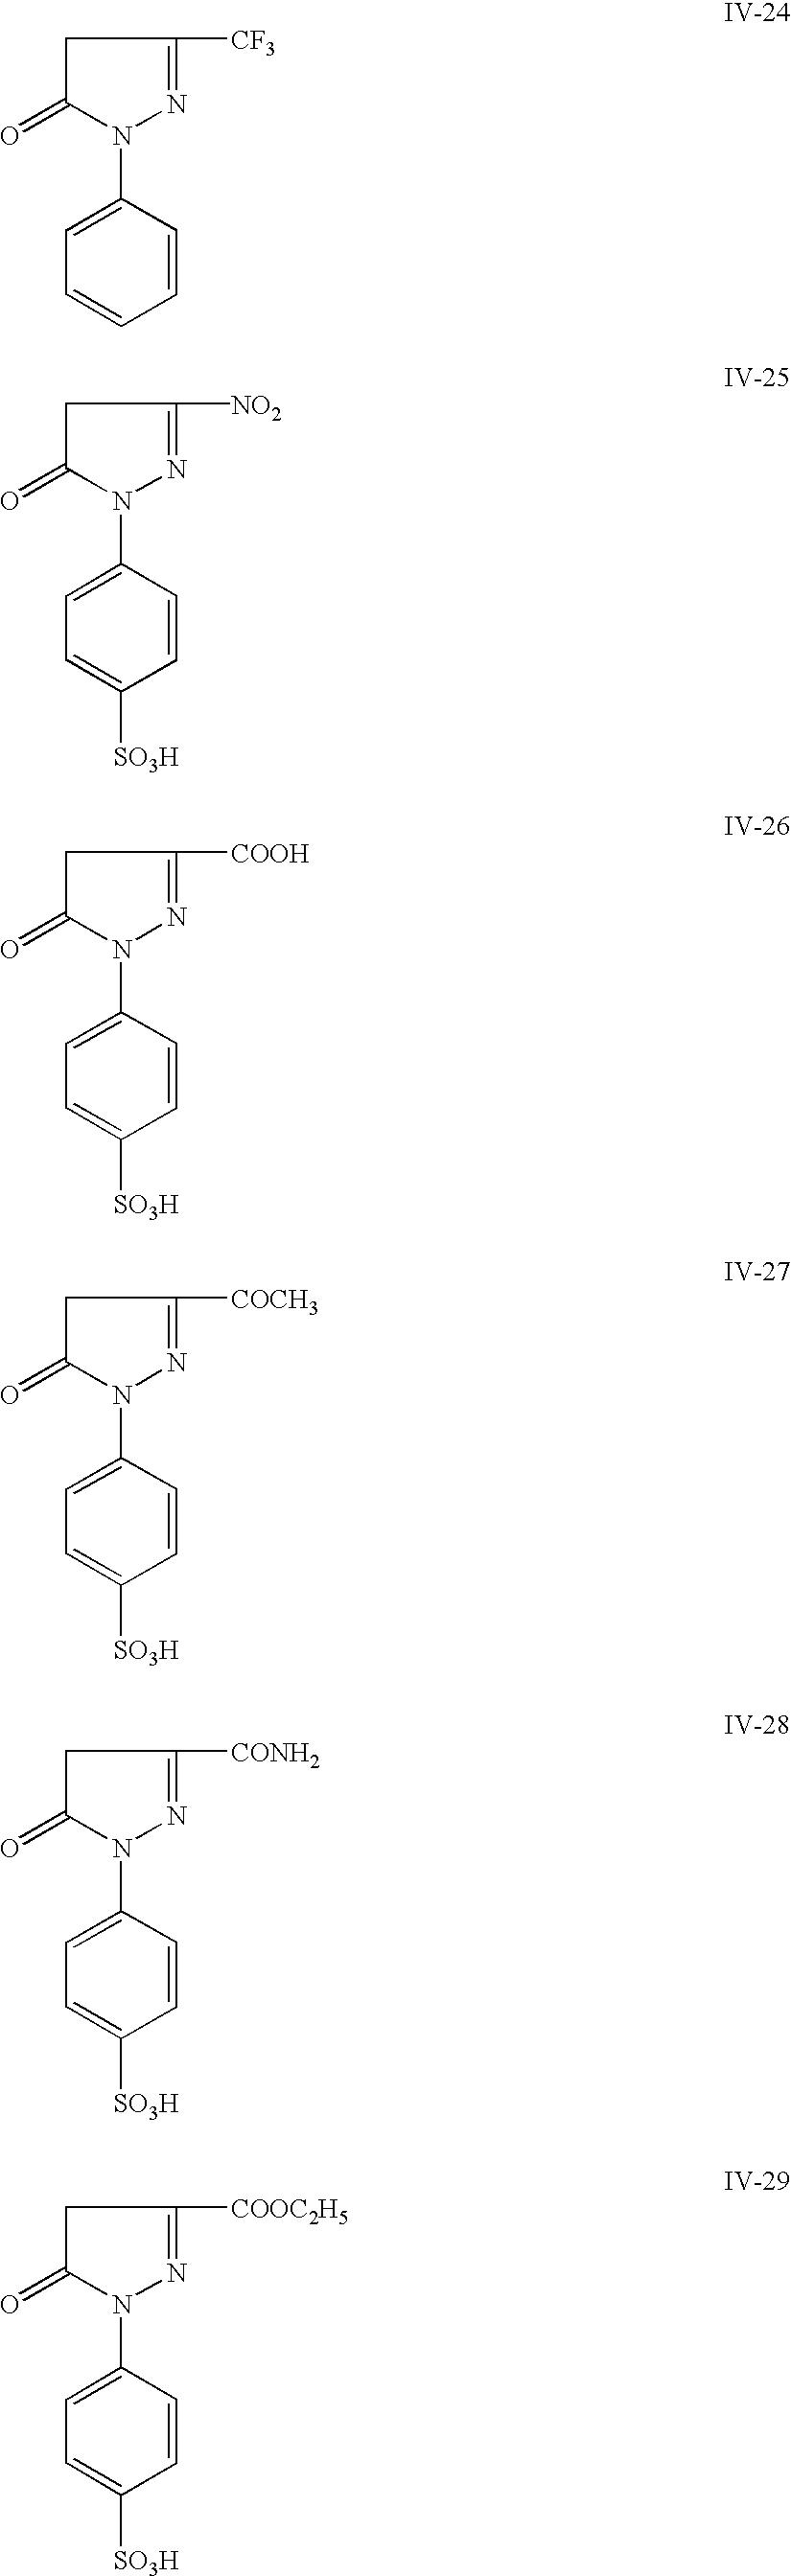 Figure US06495225-20021217-C00010